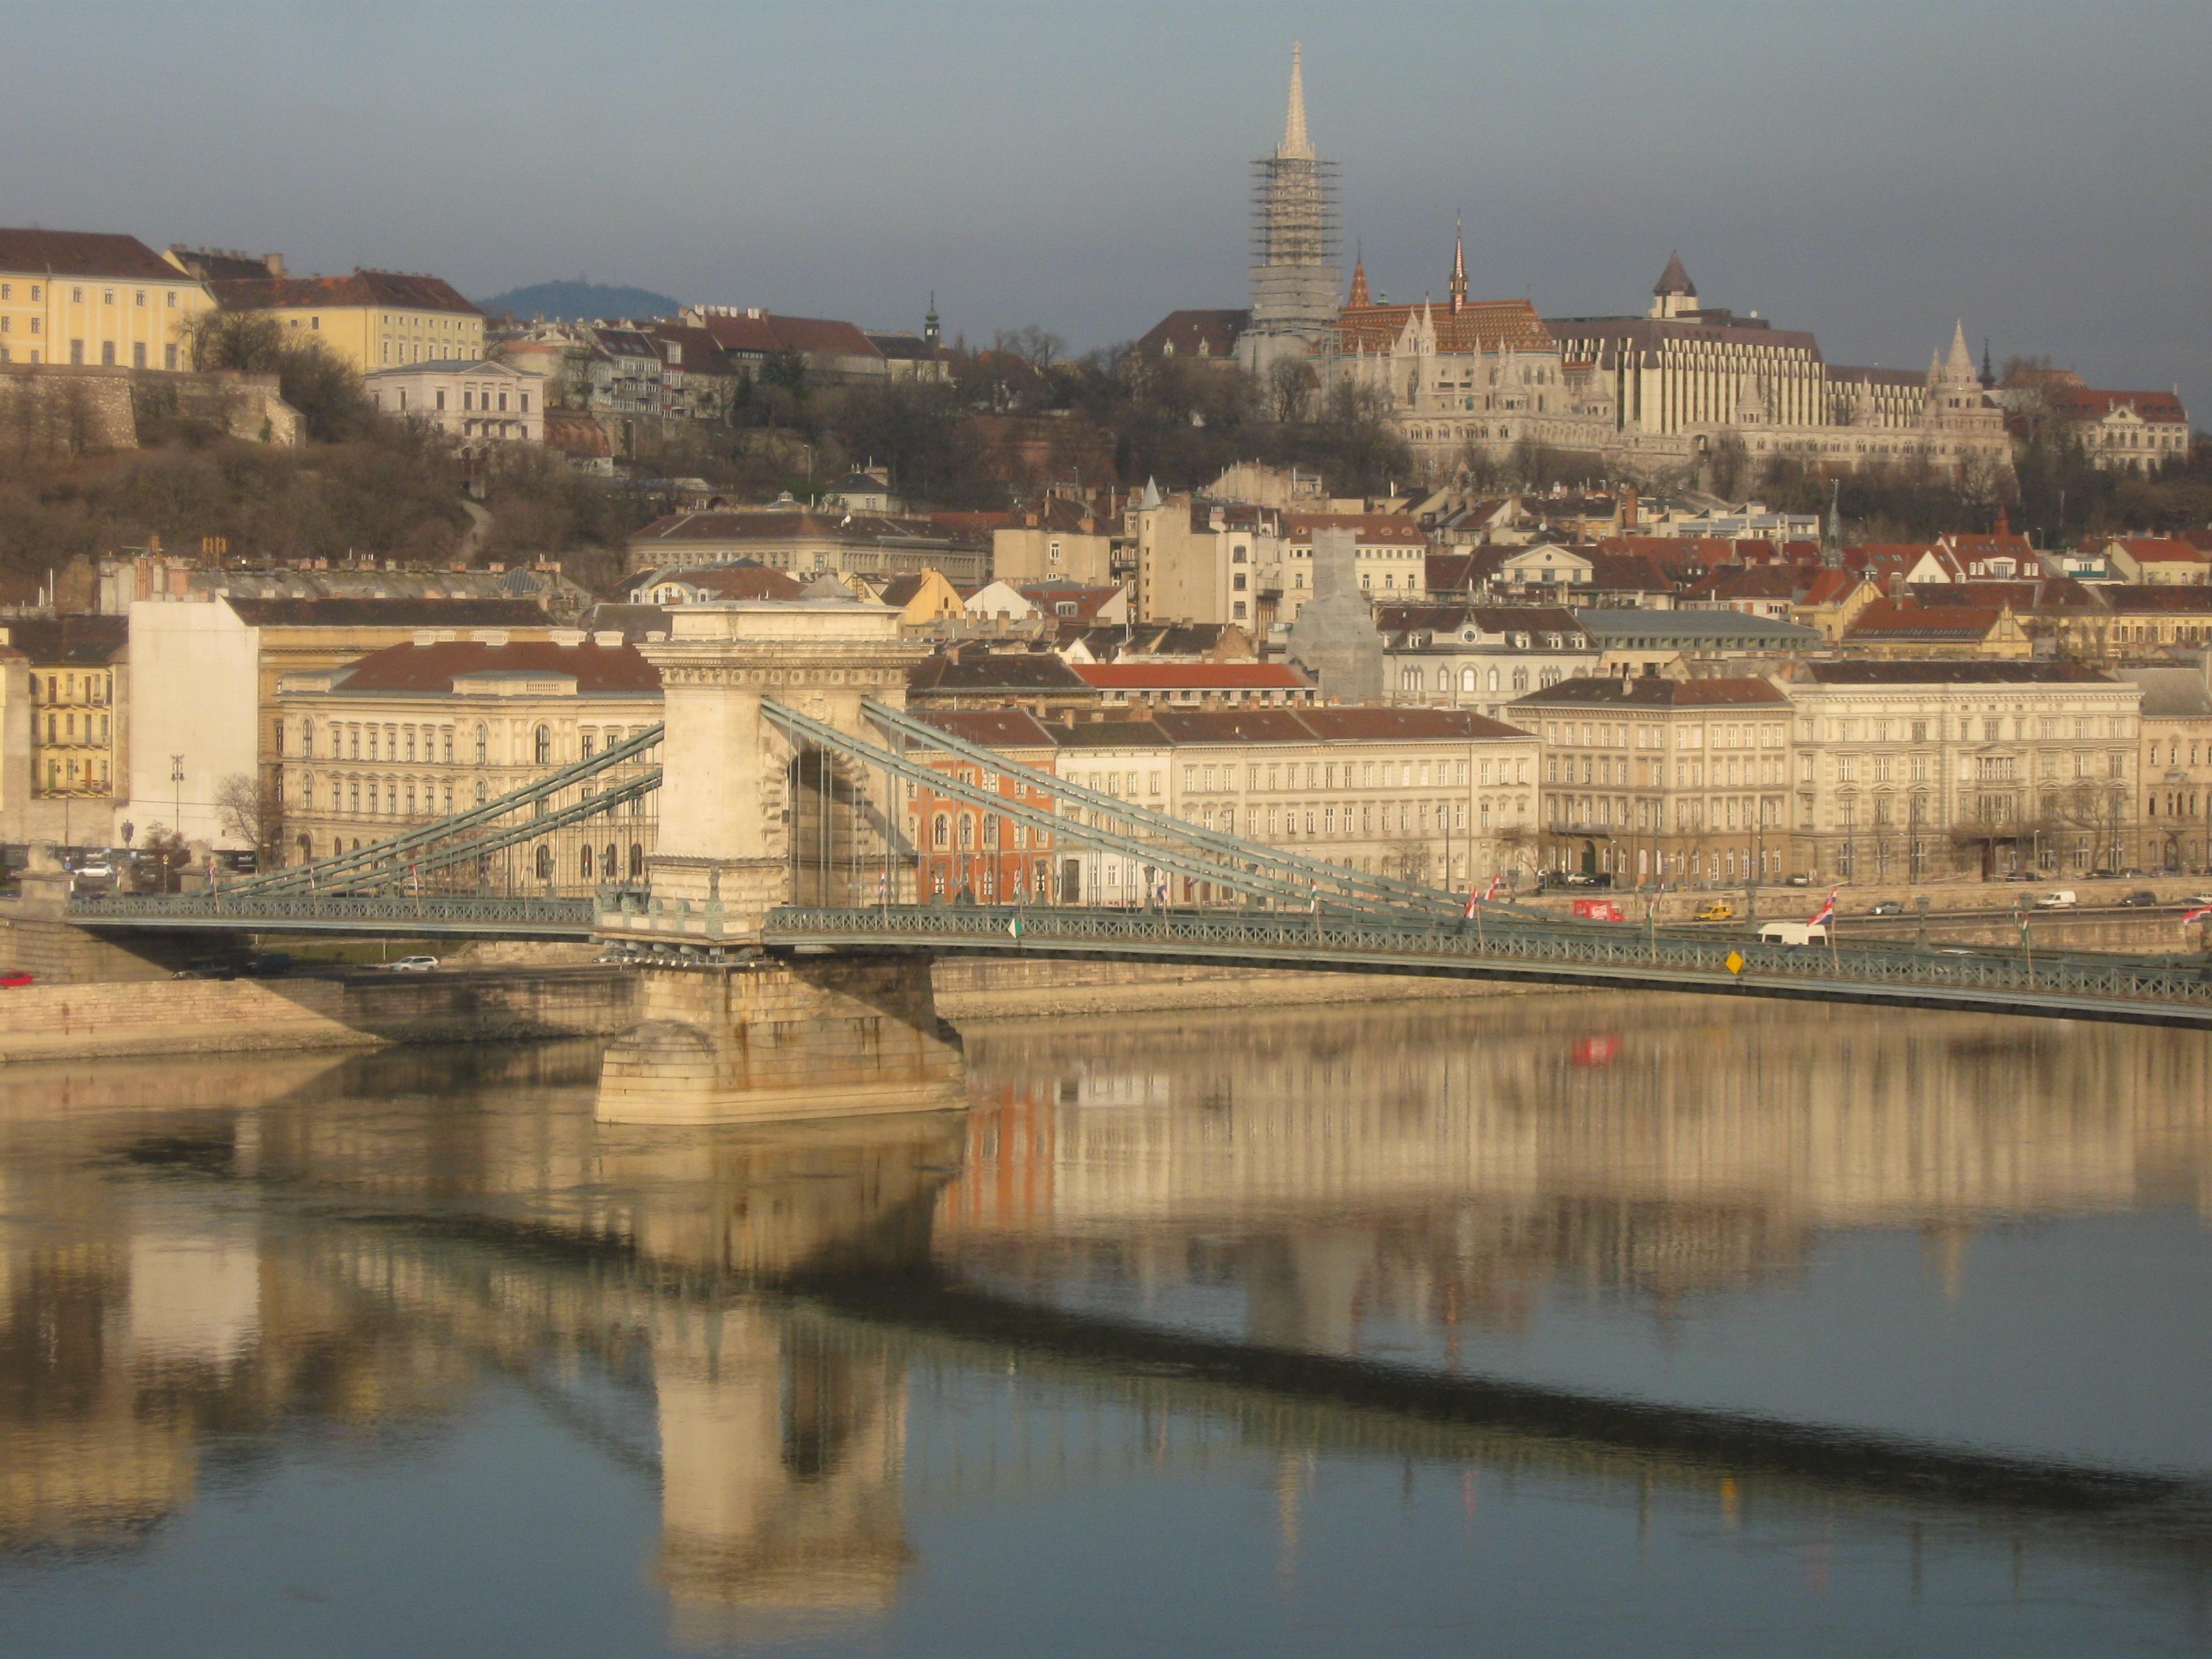 Szechenyi Chain Bridge, Budapest, Hungary, 2010